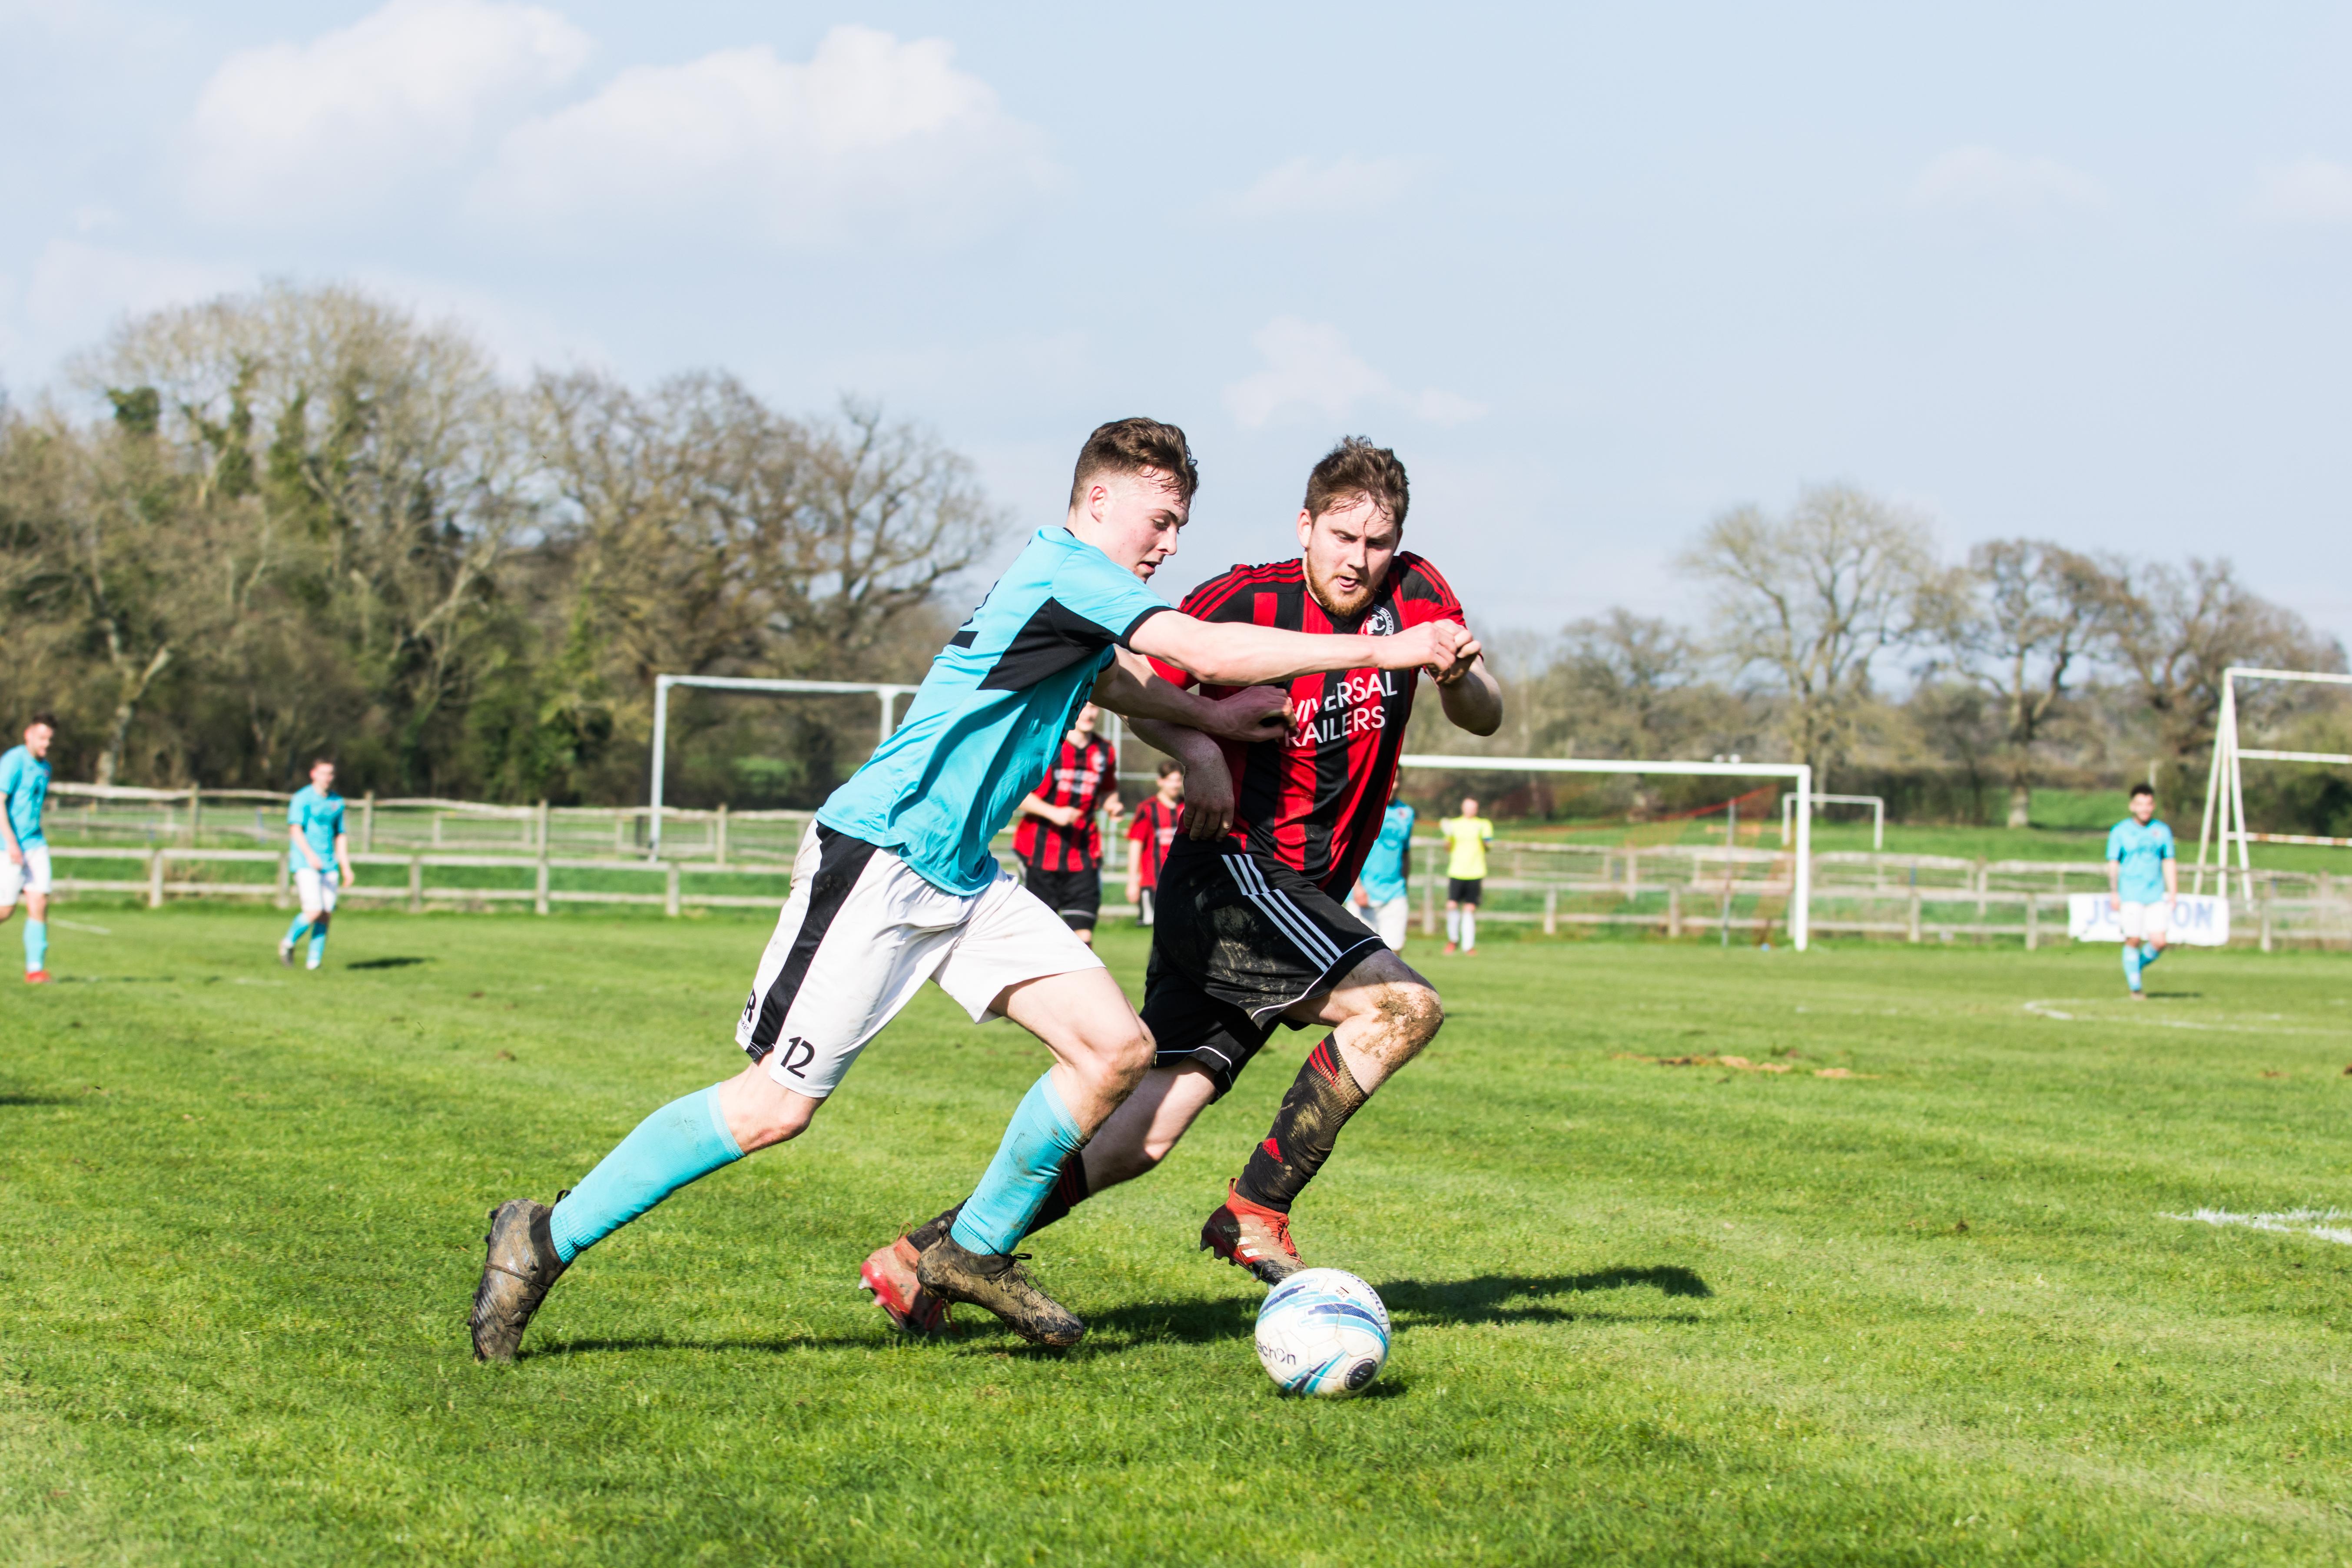 DAVID_JEFFERY Billingshurst FC vs AFC Varndeanians 14.04.18 130